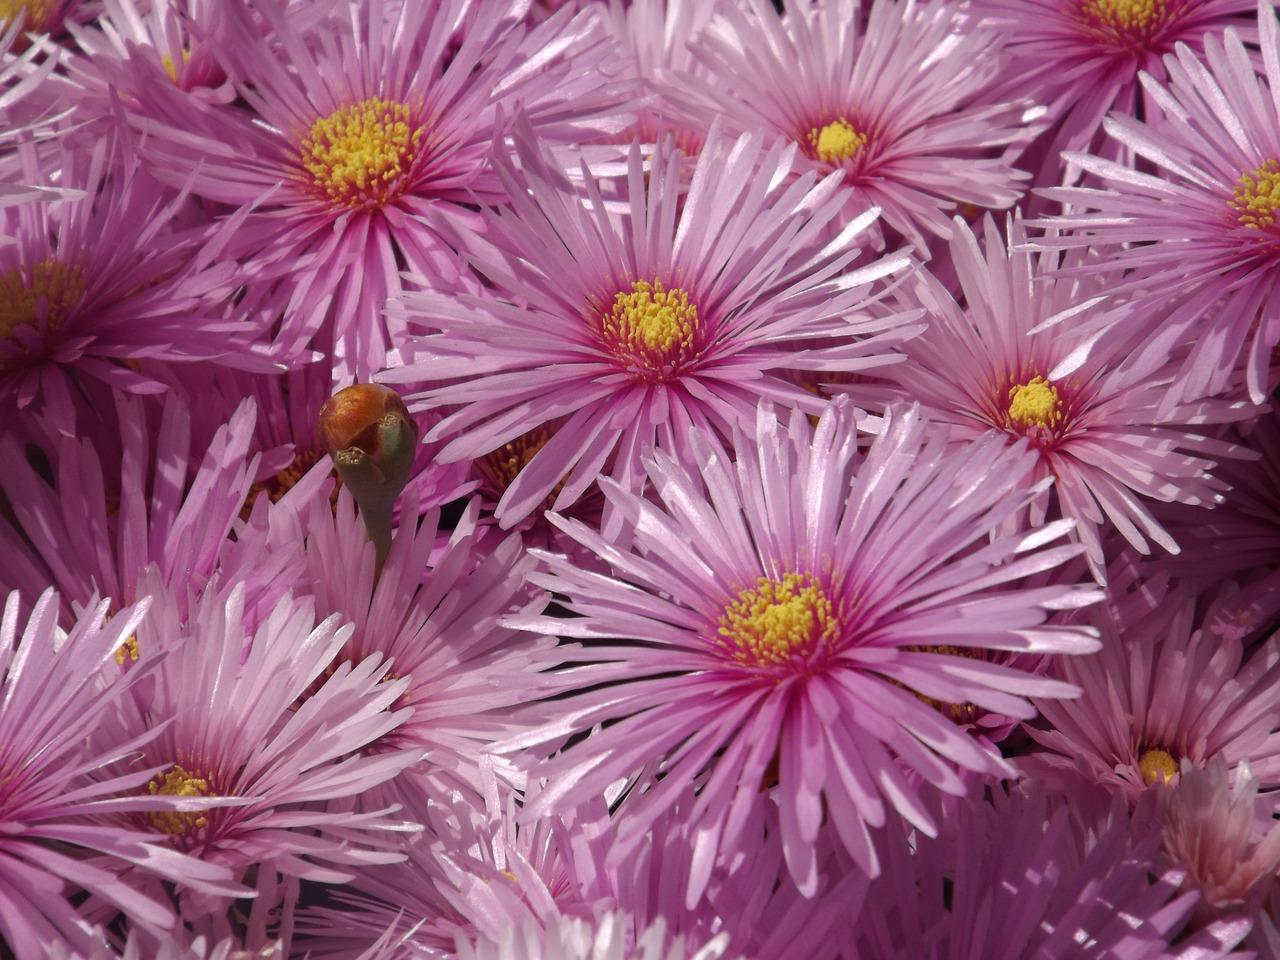 Asterflowersrayitosnaturepink Petals Free Photo From Needpix